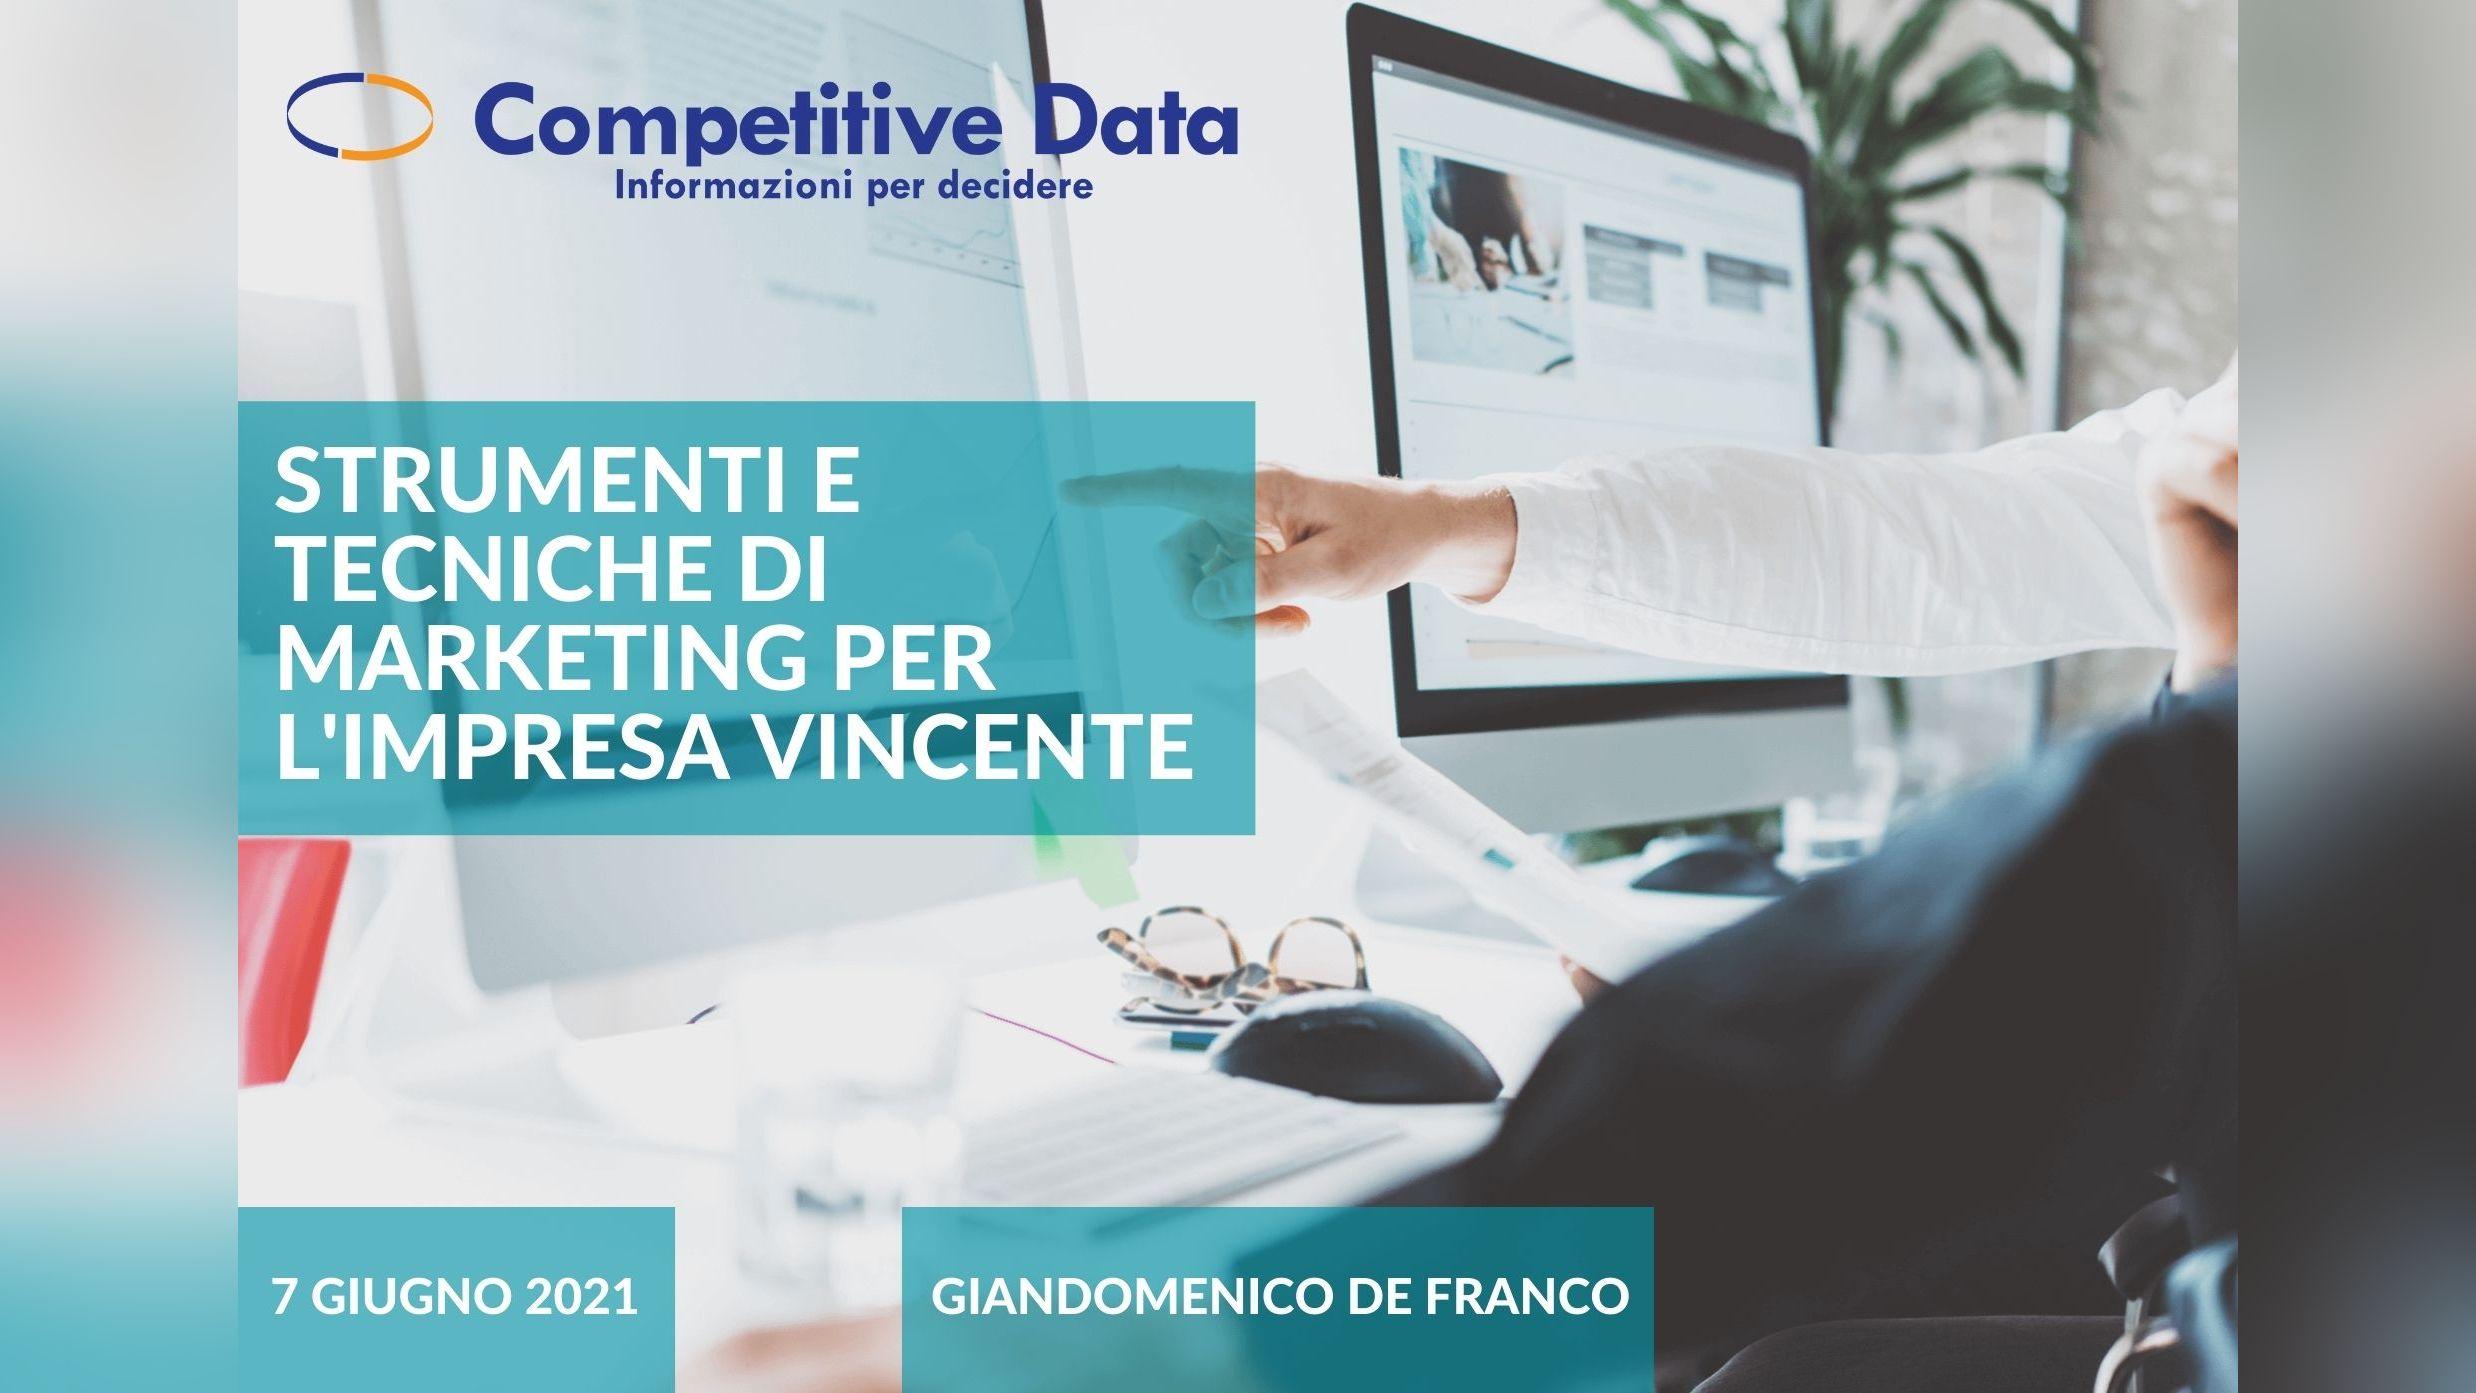 Competitive Data assiste le imprese della Camera di Commercio di Milano Monza Brianza Lodi